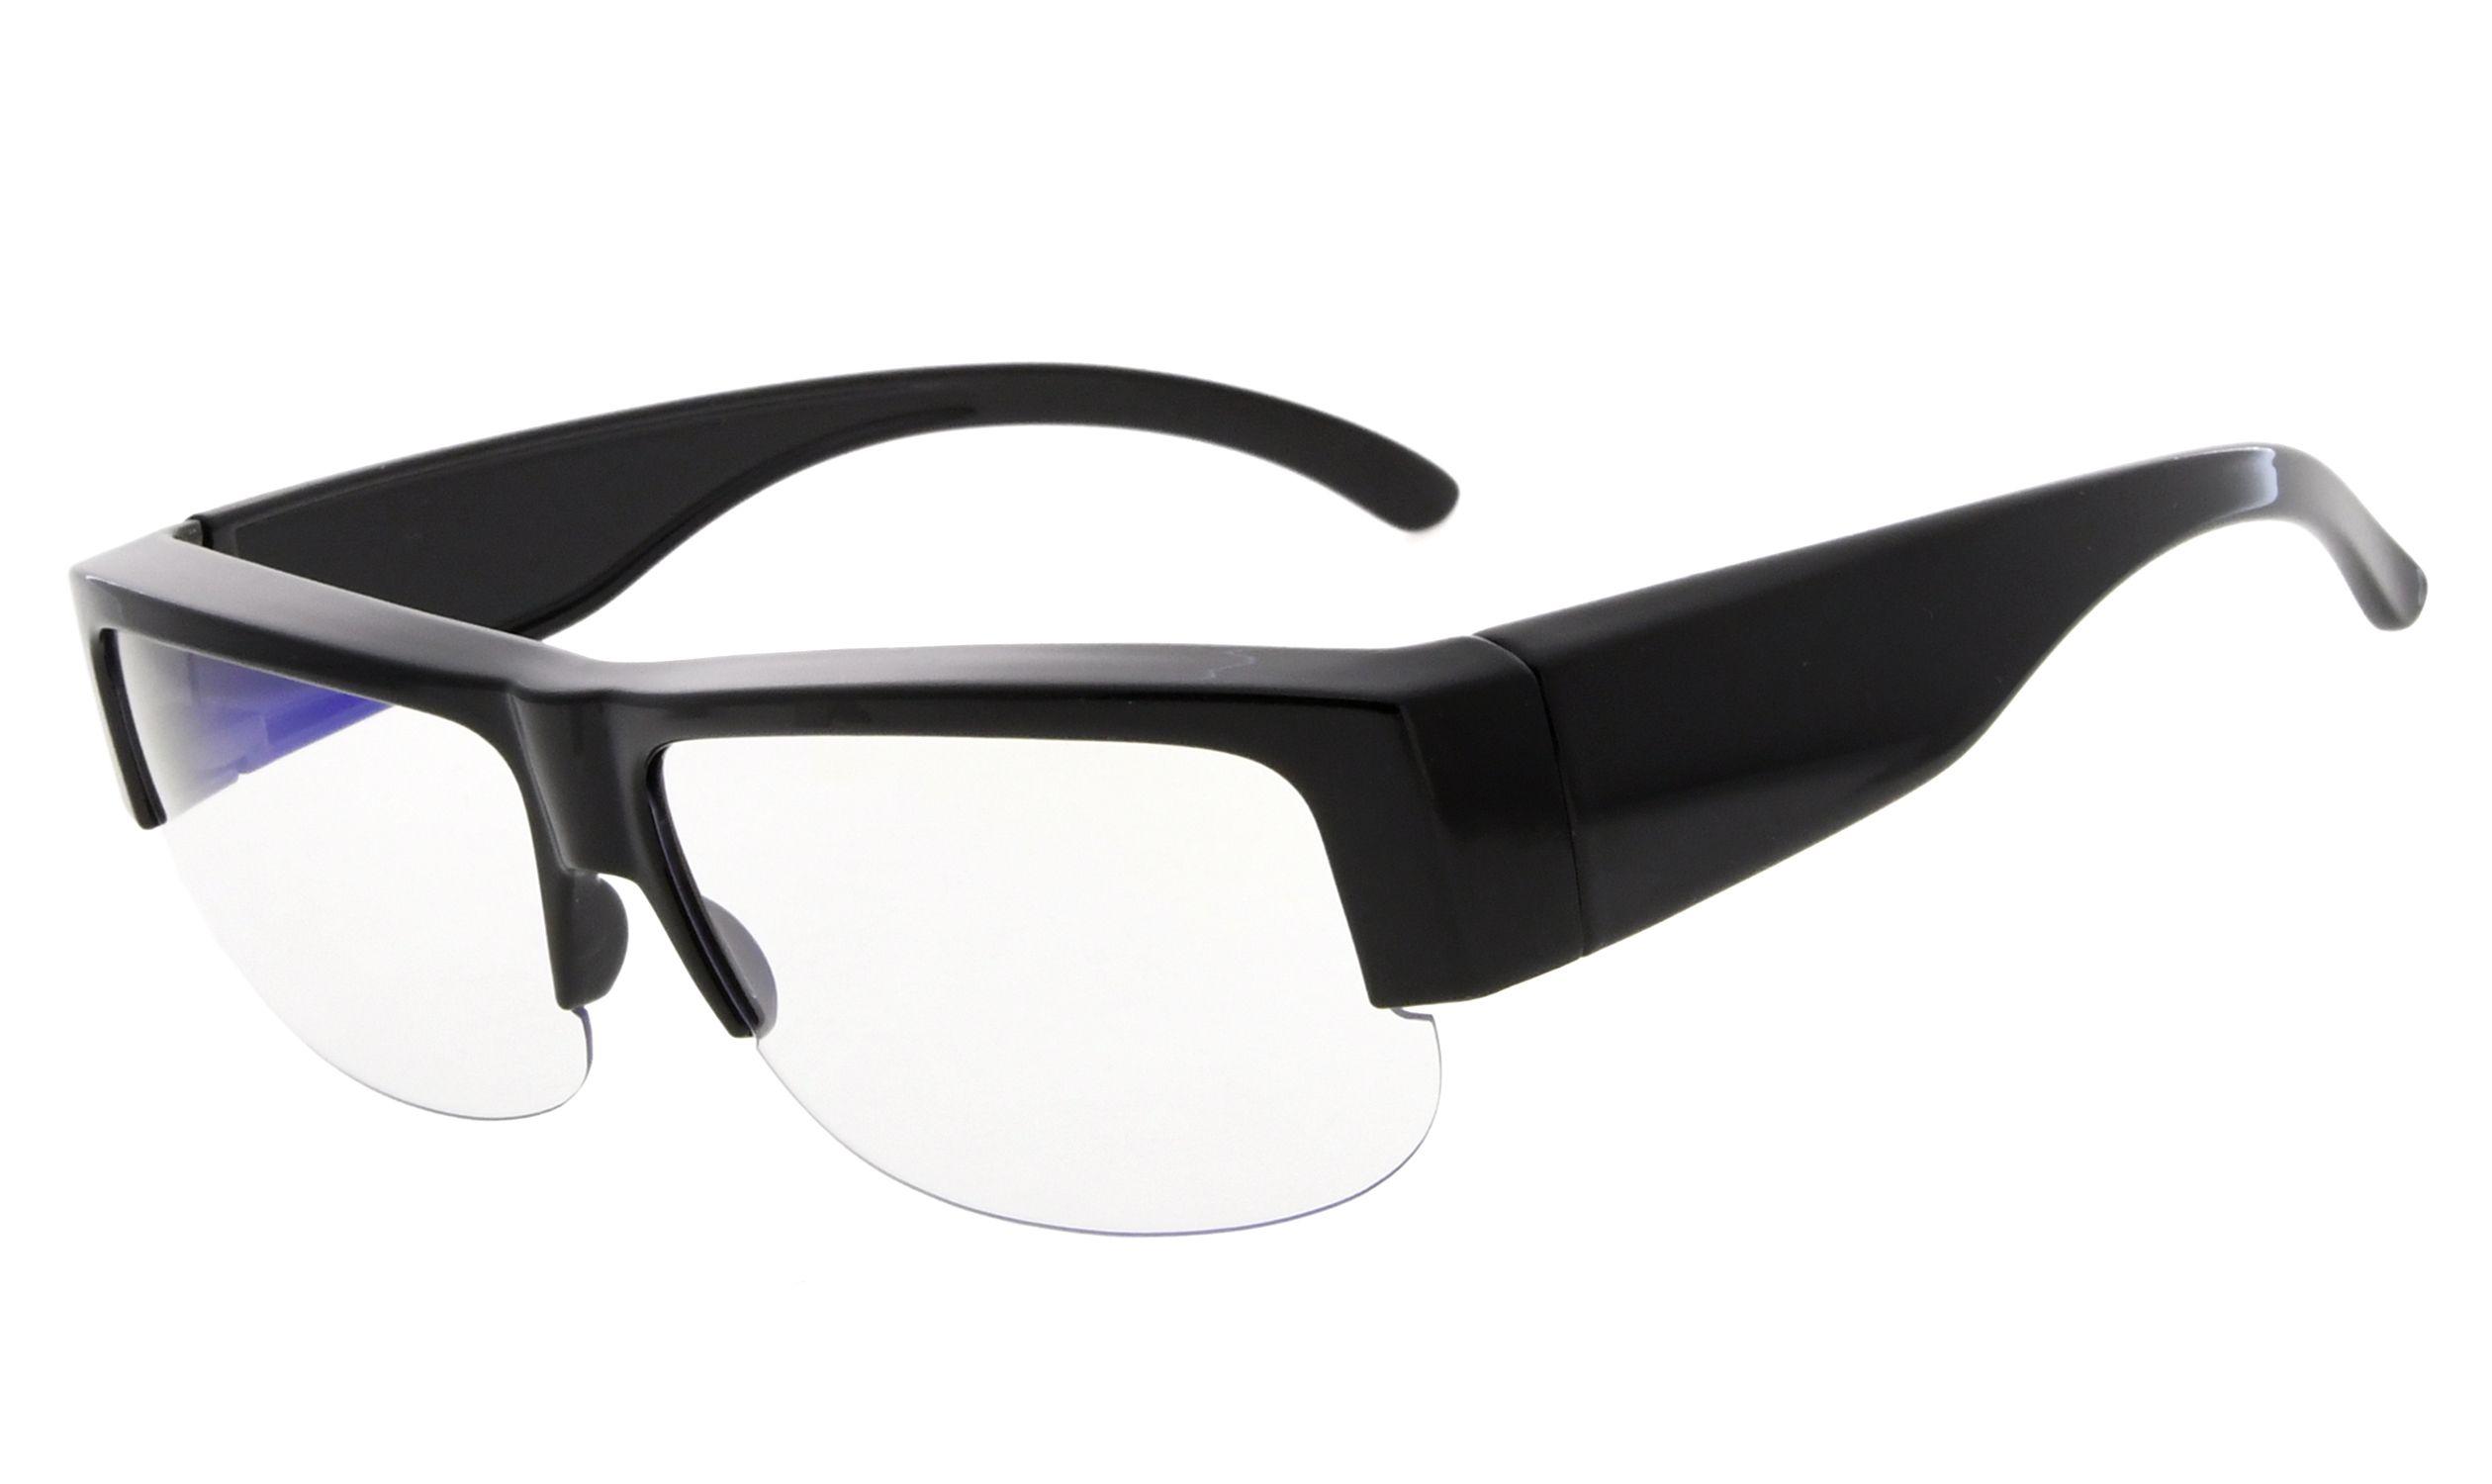 97068b640e7 30% Anti-Blue Light Blocking Fit Over Computer Glasses TMXM1803 ...